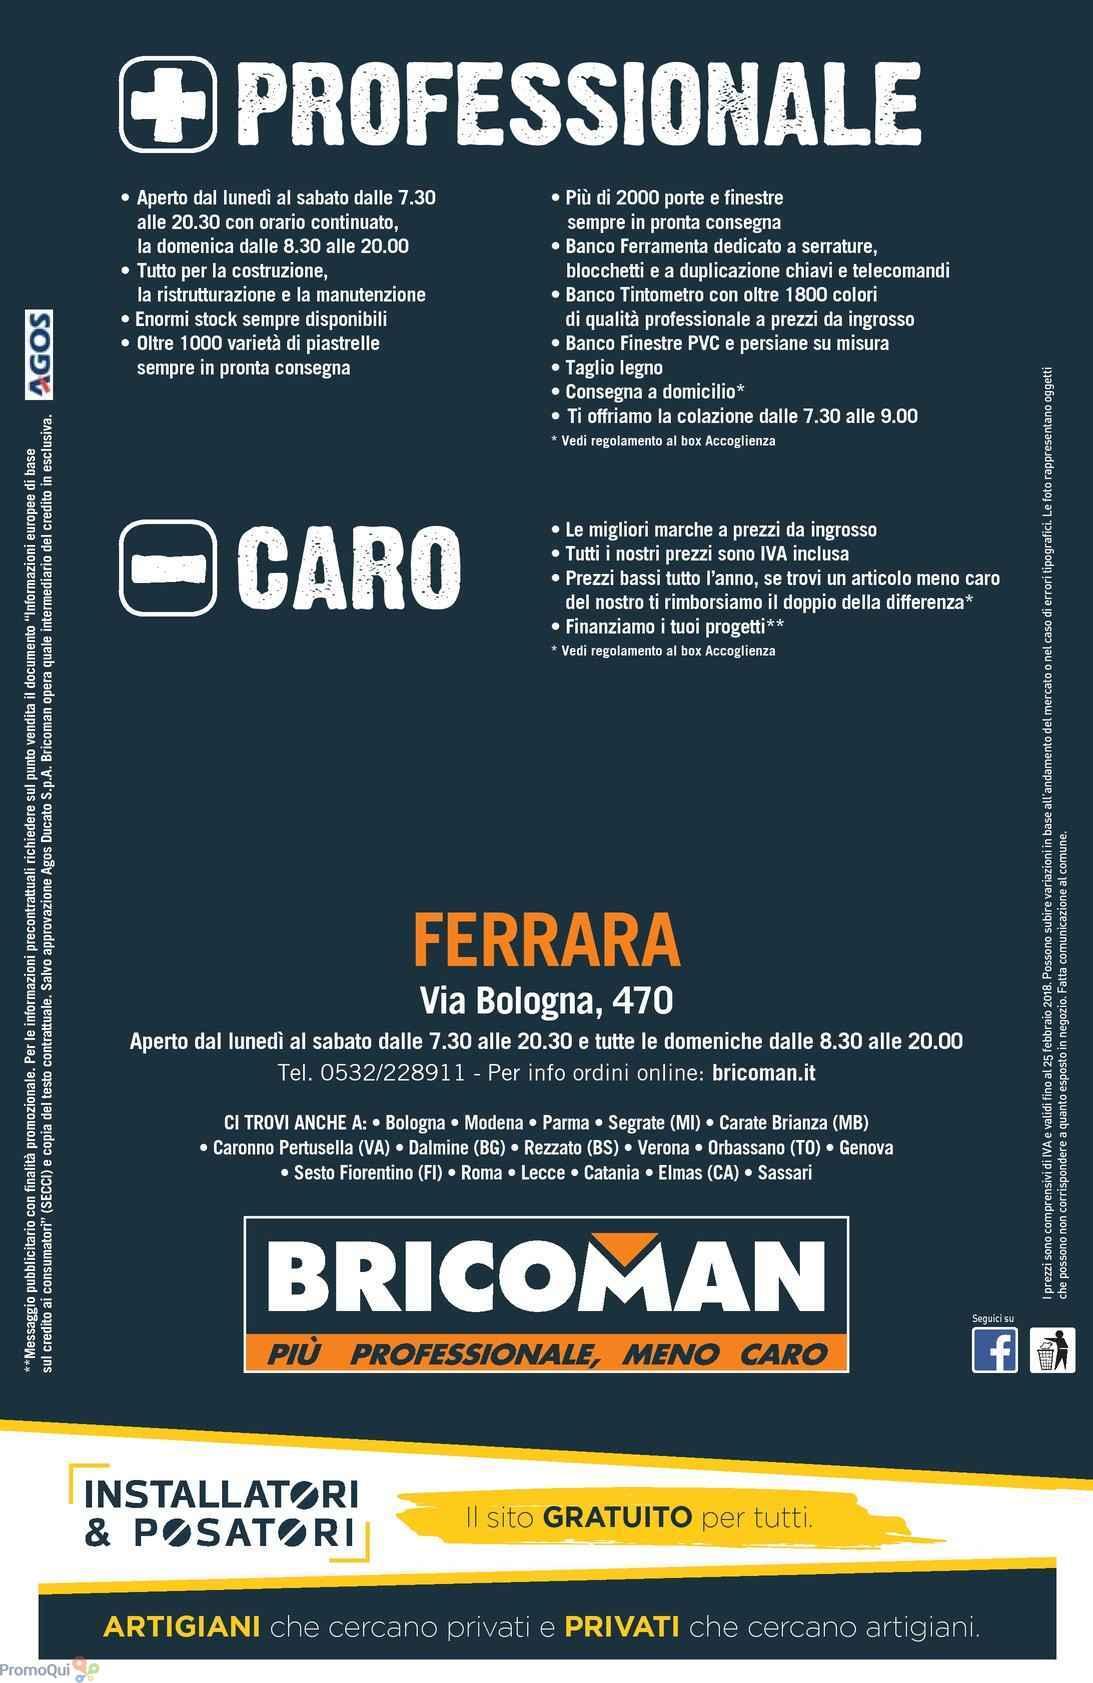 Bricoman piastrelle gallery of bricoman orbassano for Piastrelle adesive bricoman